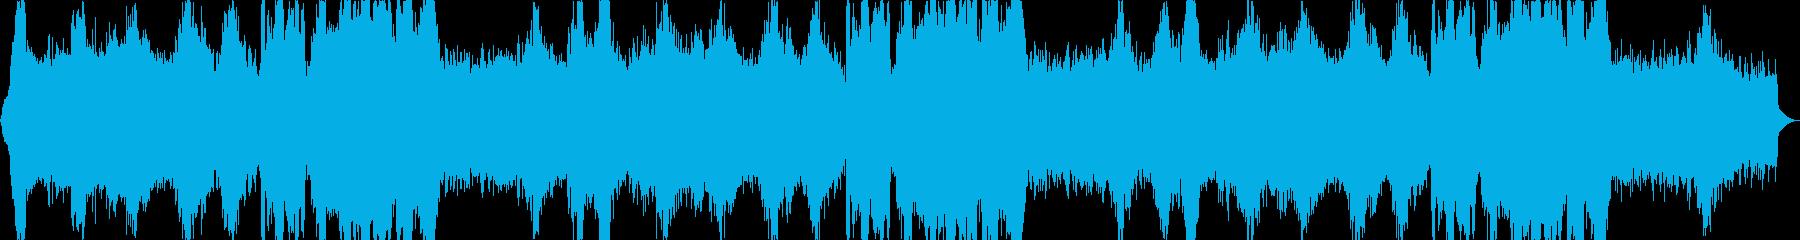 シリアス魔術的なシンセ・オーケストラ曲の再生済みの波形